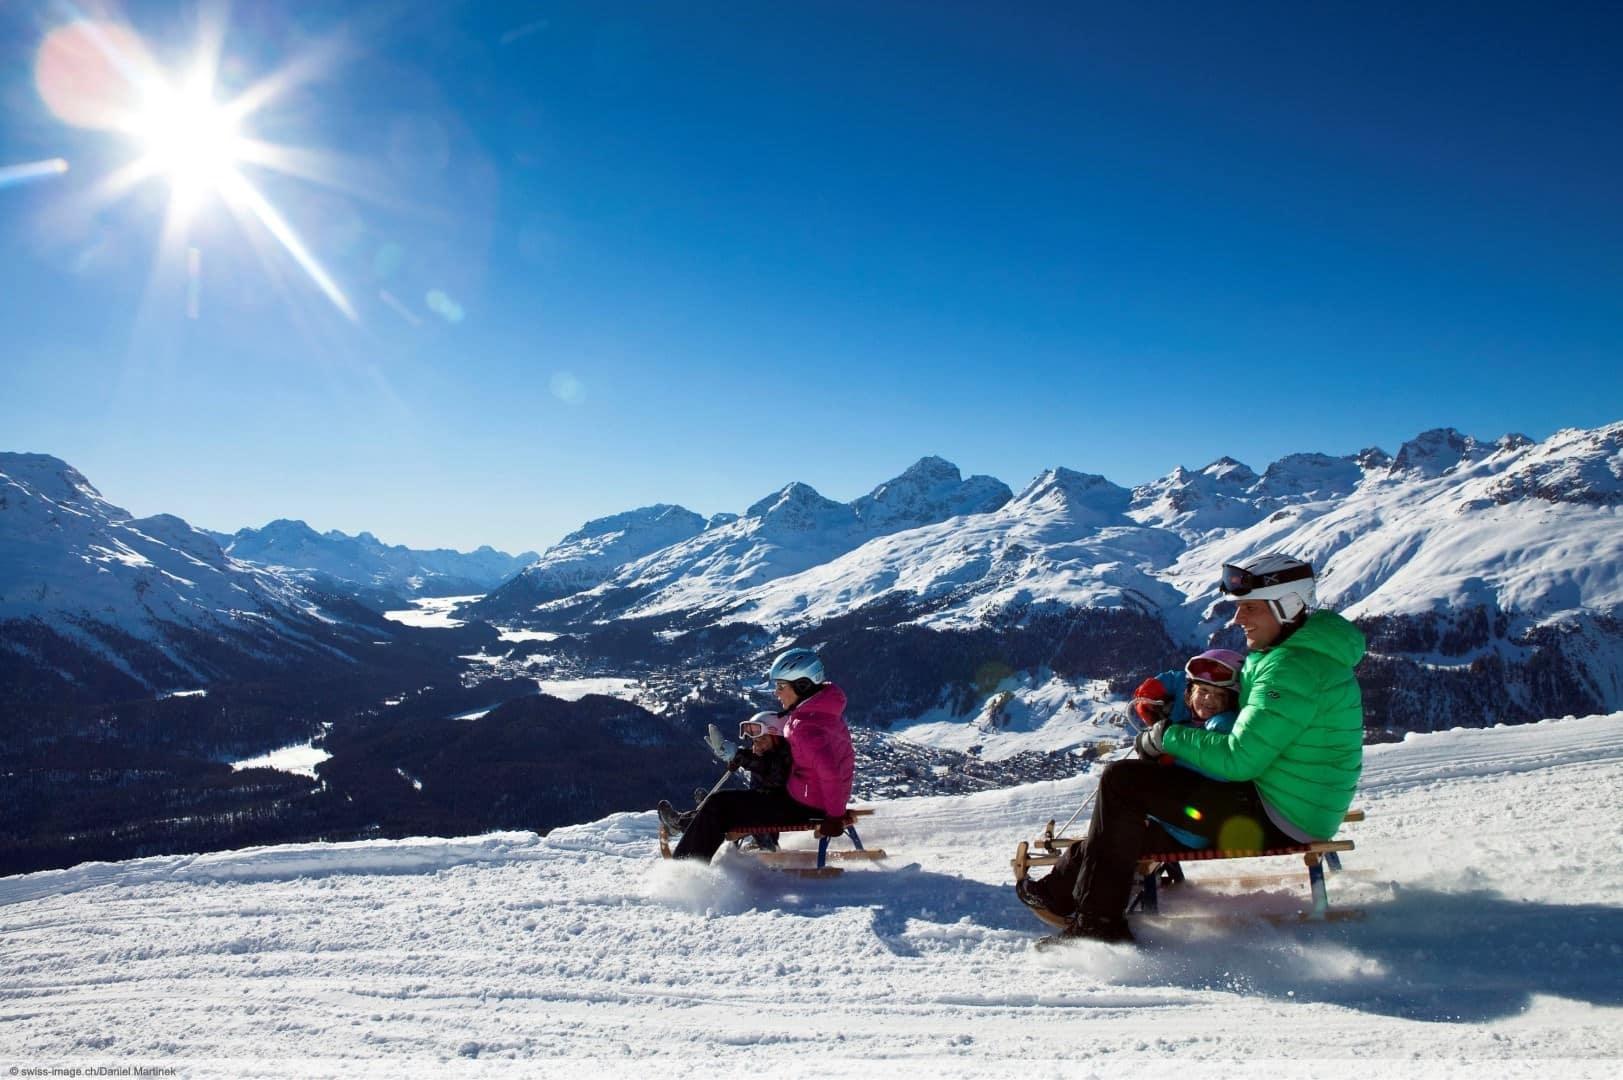 après-ski in St. Moritz